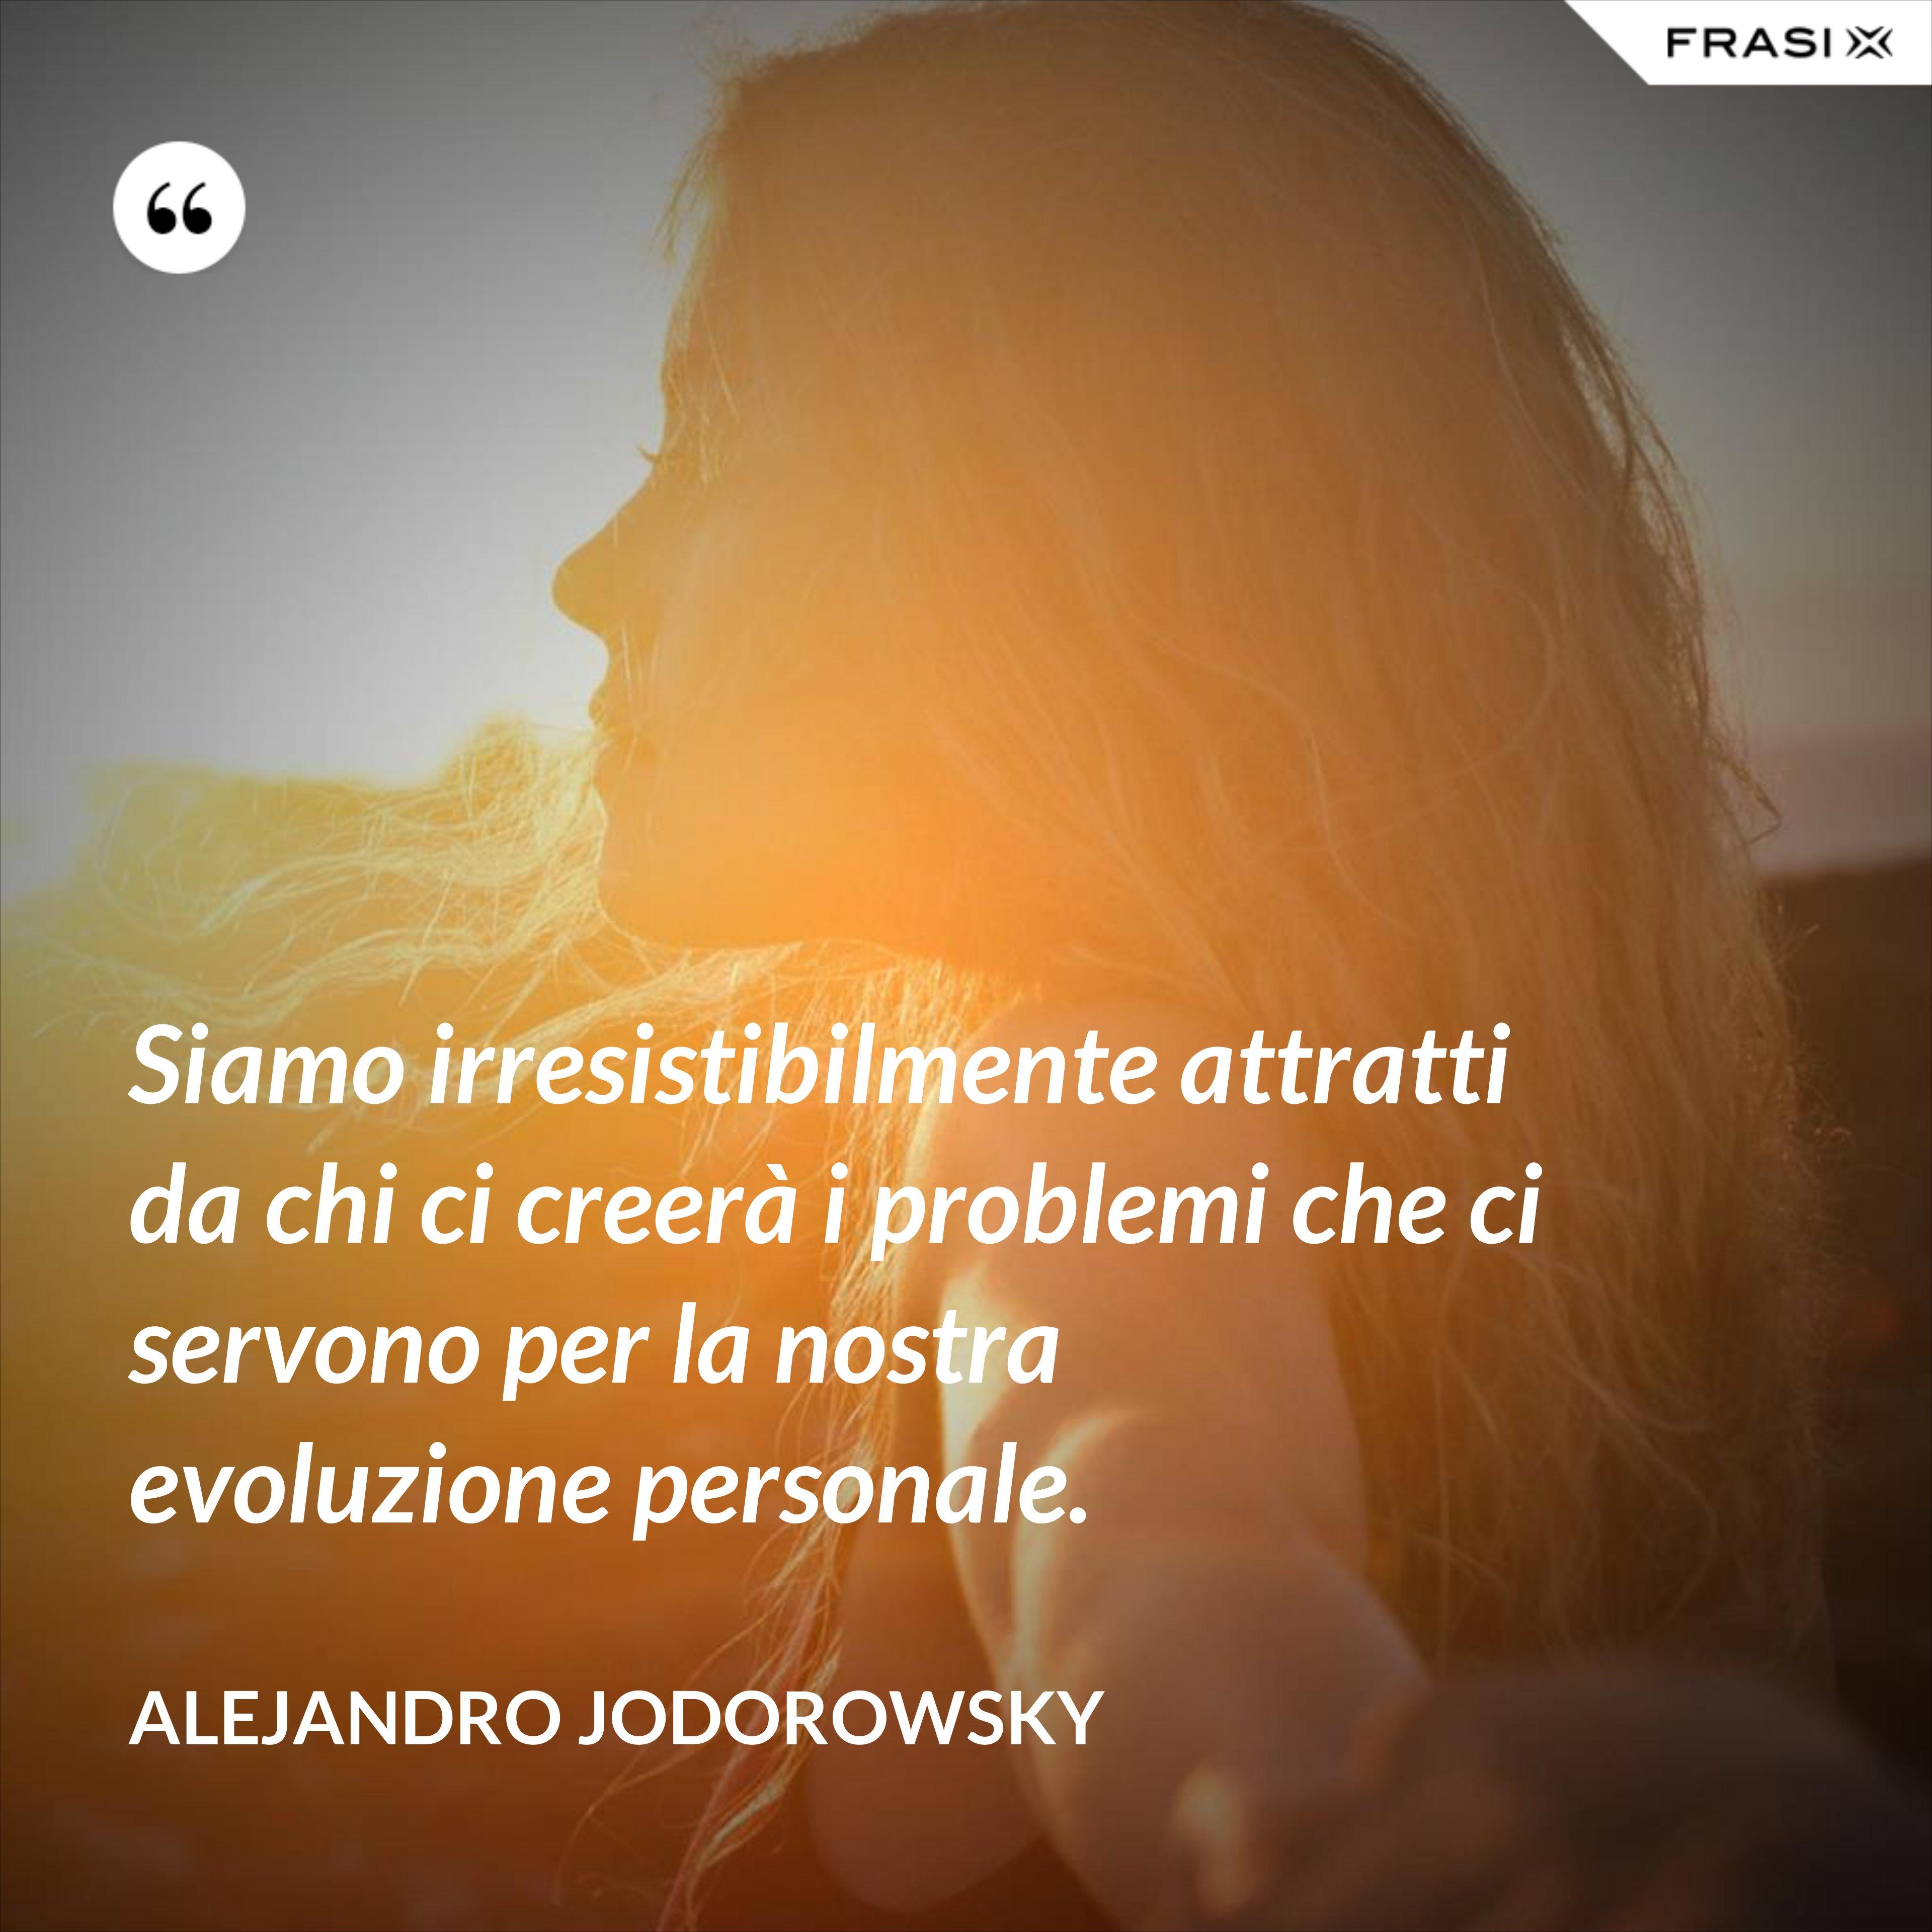 Siamo irresistibilmente attratti da chi ci creerà i problemi che ci servono per la nostra evoluzione personale. - Alejandro Jodorowsky